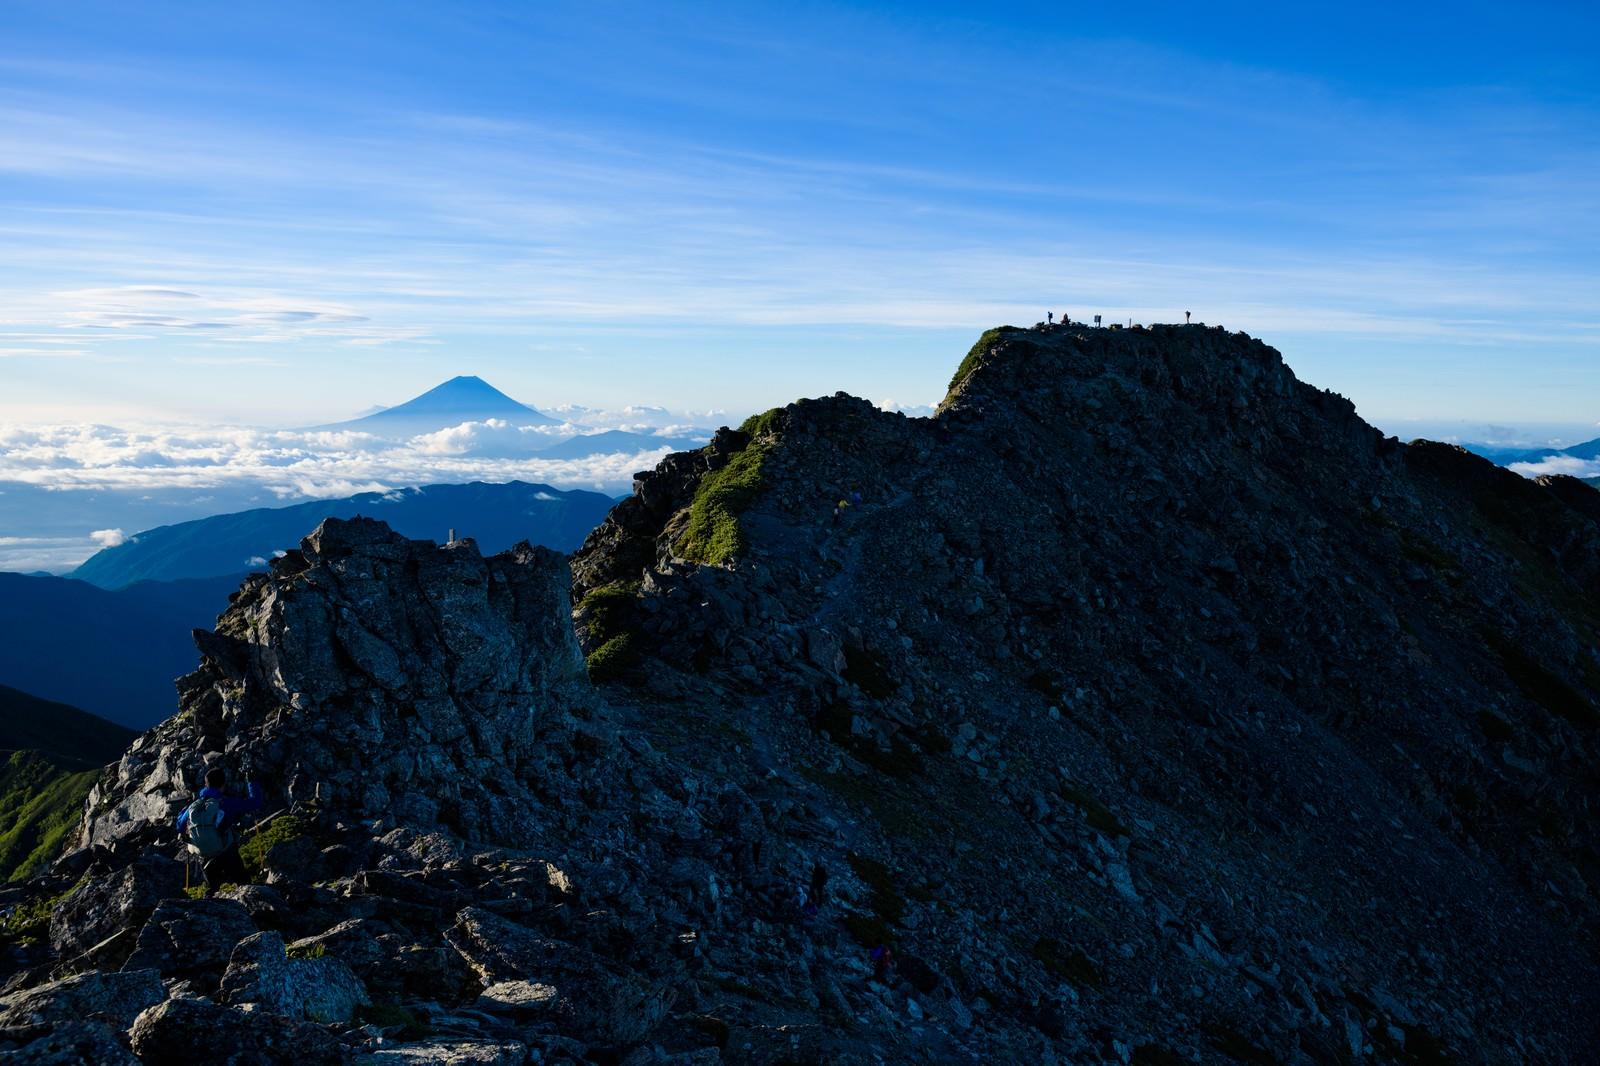 「日本最高峰の富士山と二位の北岳の景観」の写真